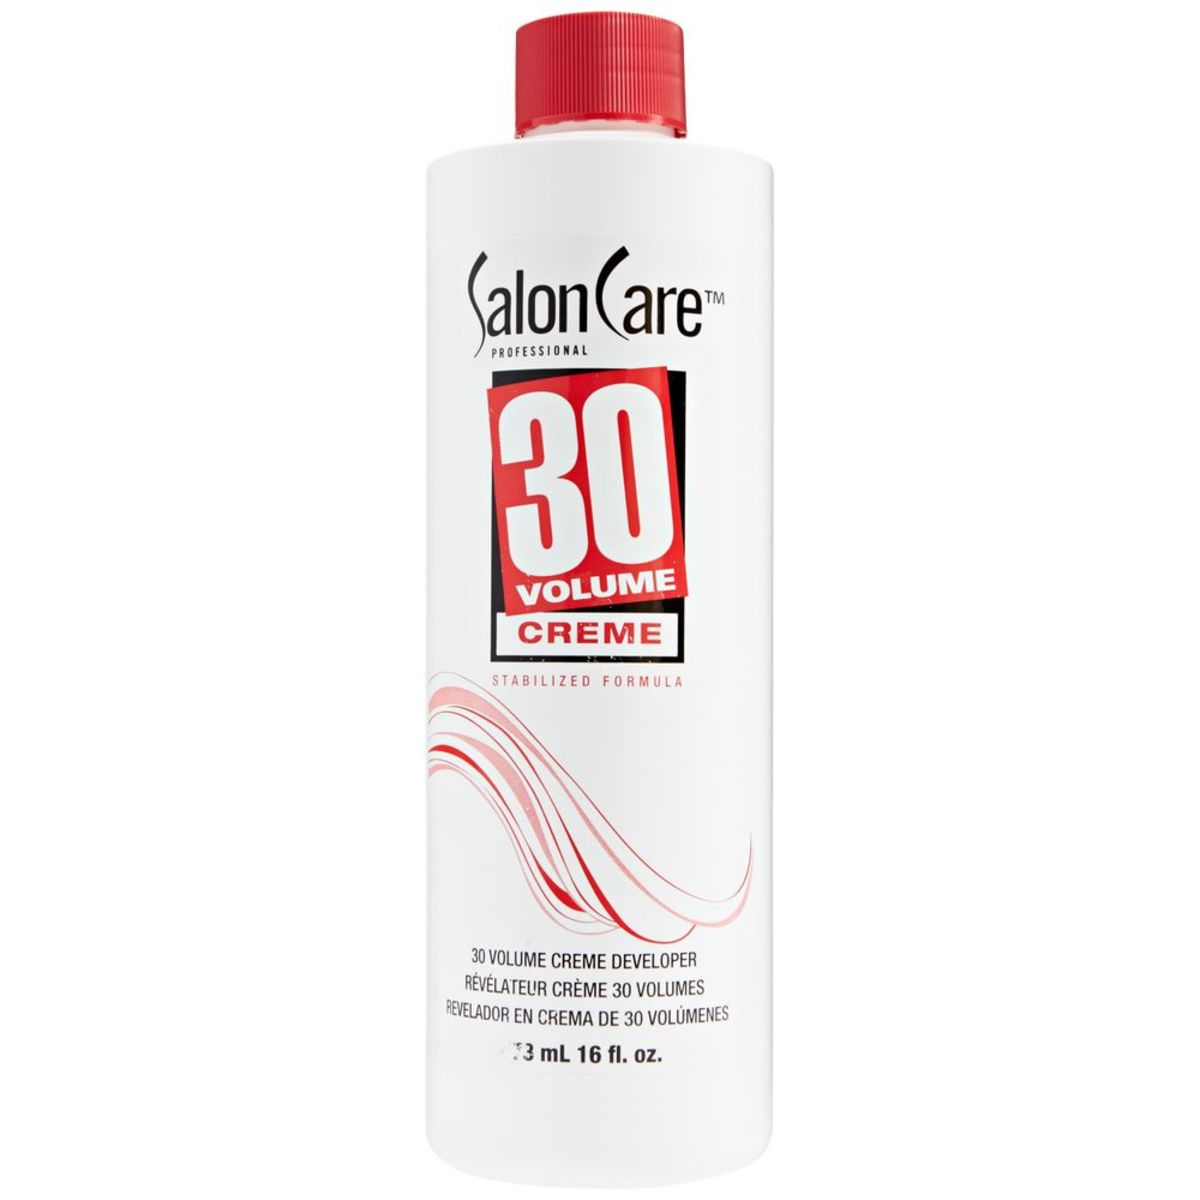 Salon Care Volume Creme Developer - 16oz  3.69$